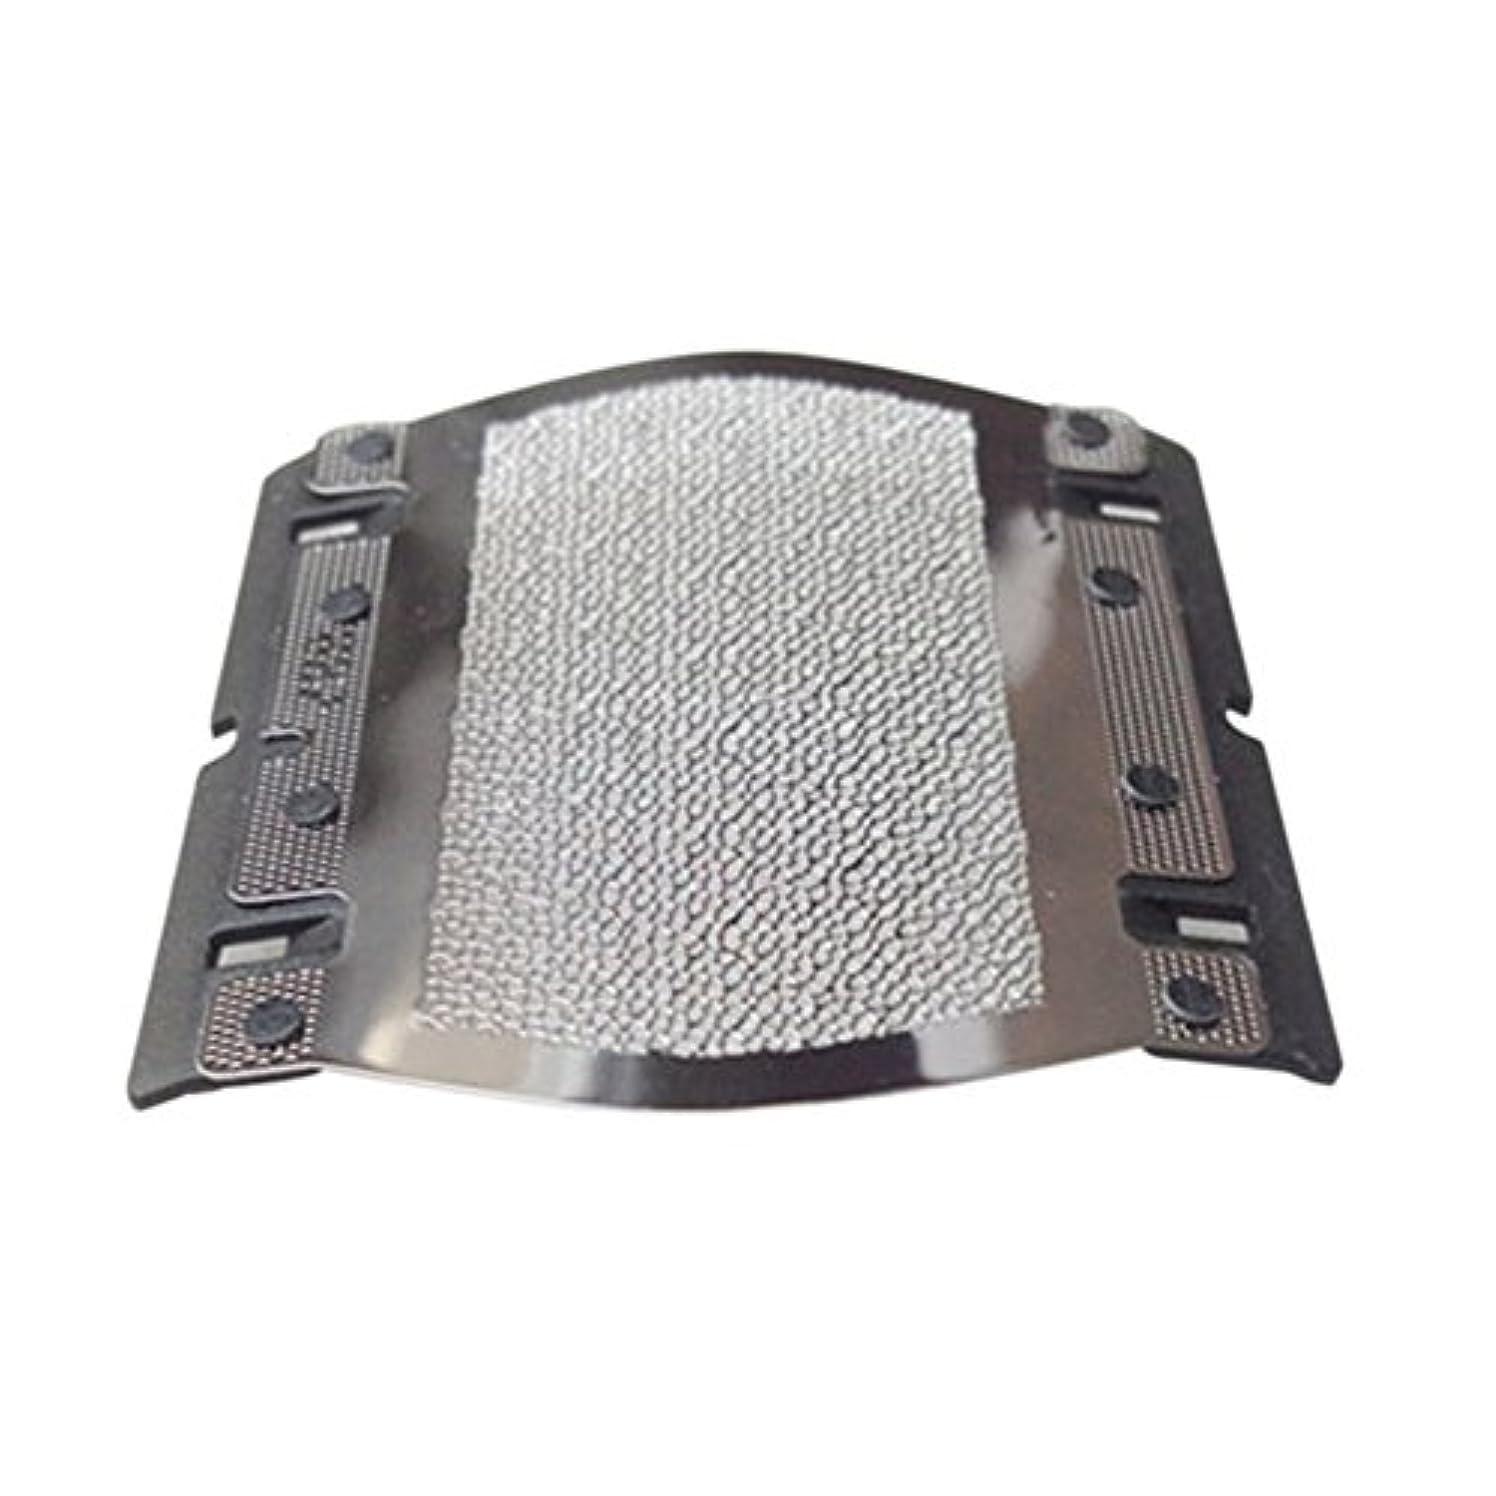 導出柱手つかずのHZjundasi Replacement シェーバーカミソリ ブレード 刃+はく 614 for Braun 350/370/P10/5614/5615